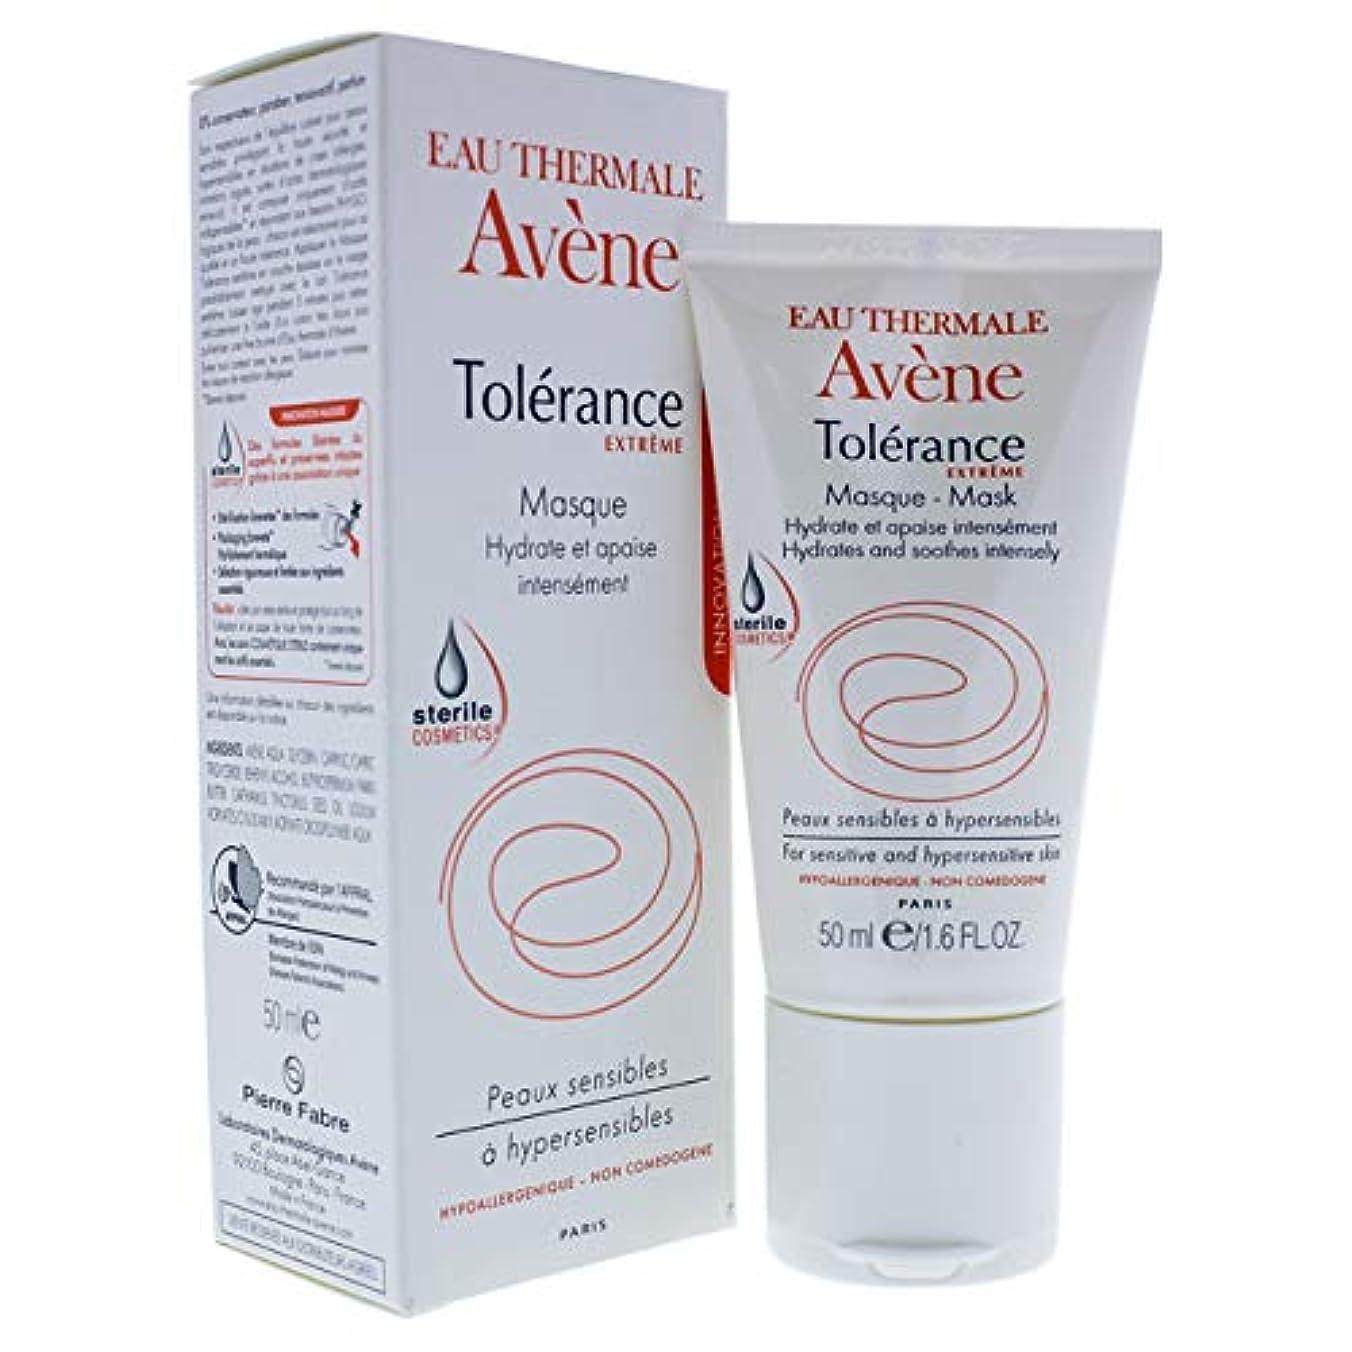 一問題不測の事態アベンヌ Tolerance Extreme Mask - For Sensitive & Hypersensitive Skin 50ml/1.6oz並行輸入品